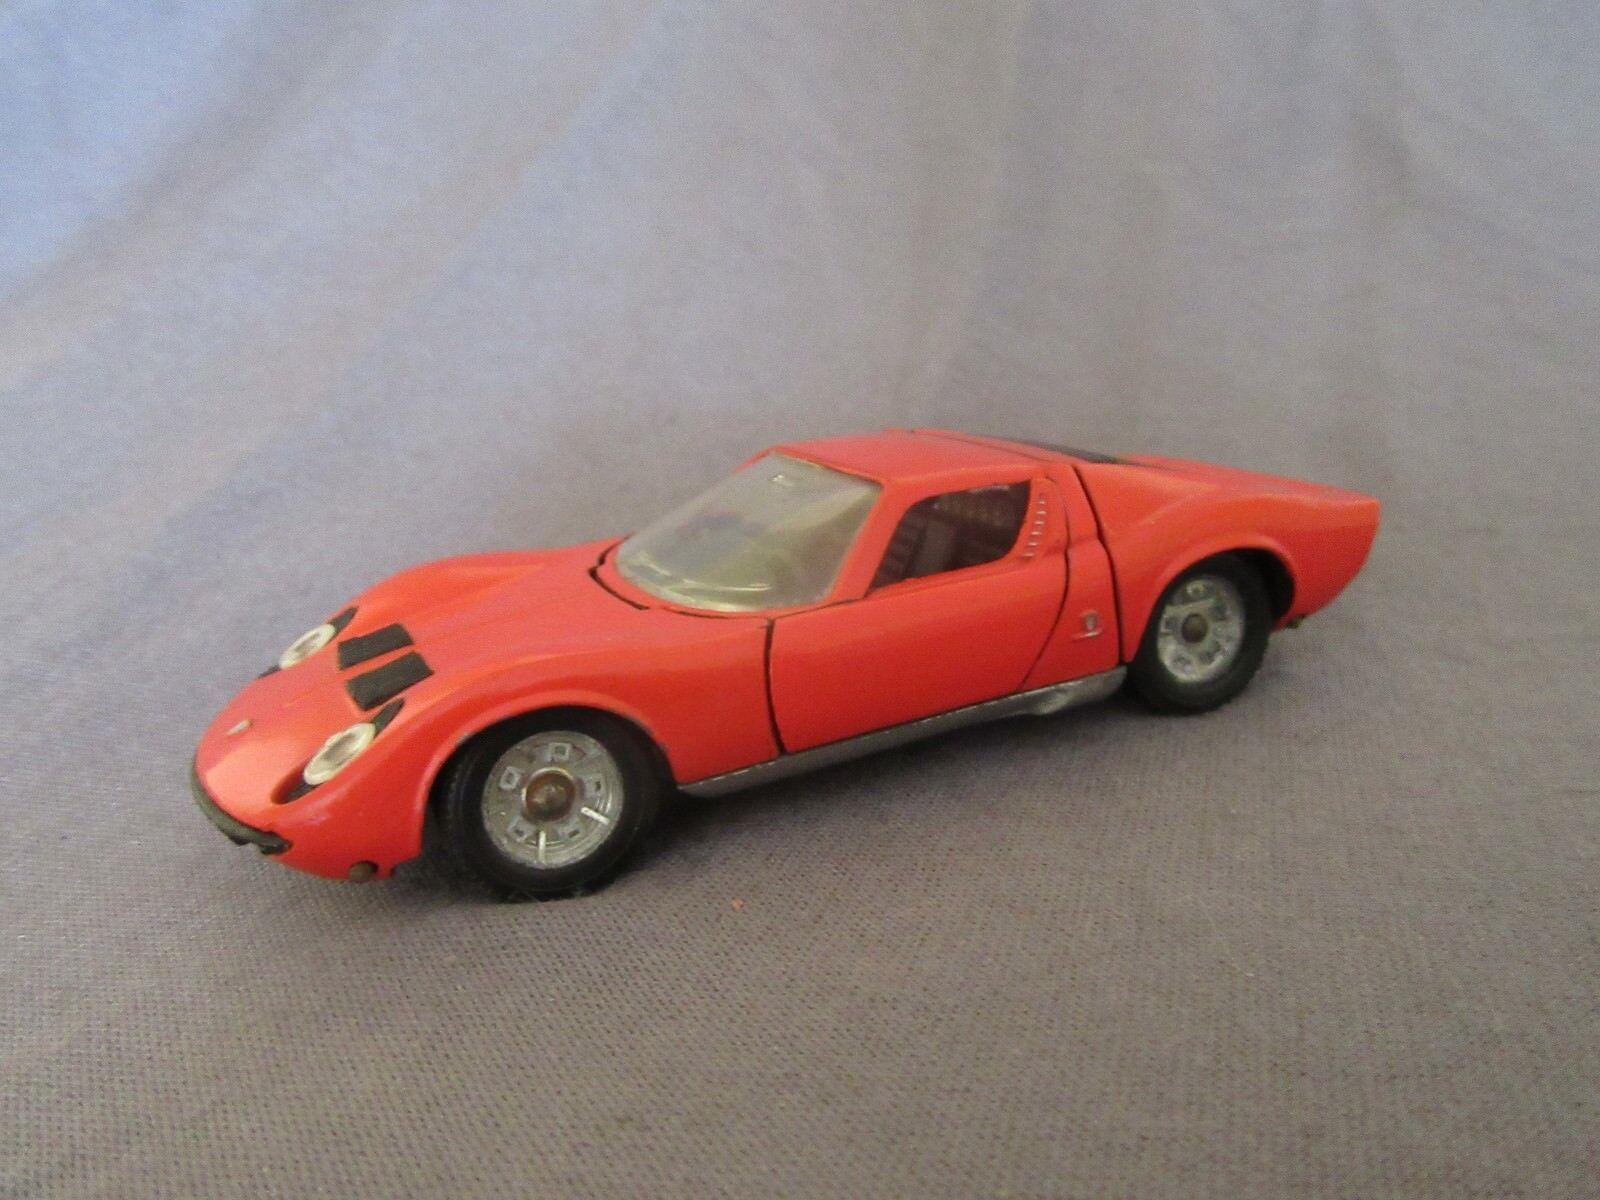 518F Vintage Solido Rif 161 Lamborghini P400 Miura Gt Arancione 1 43